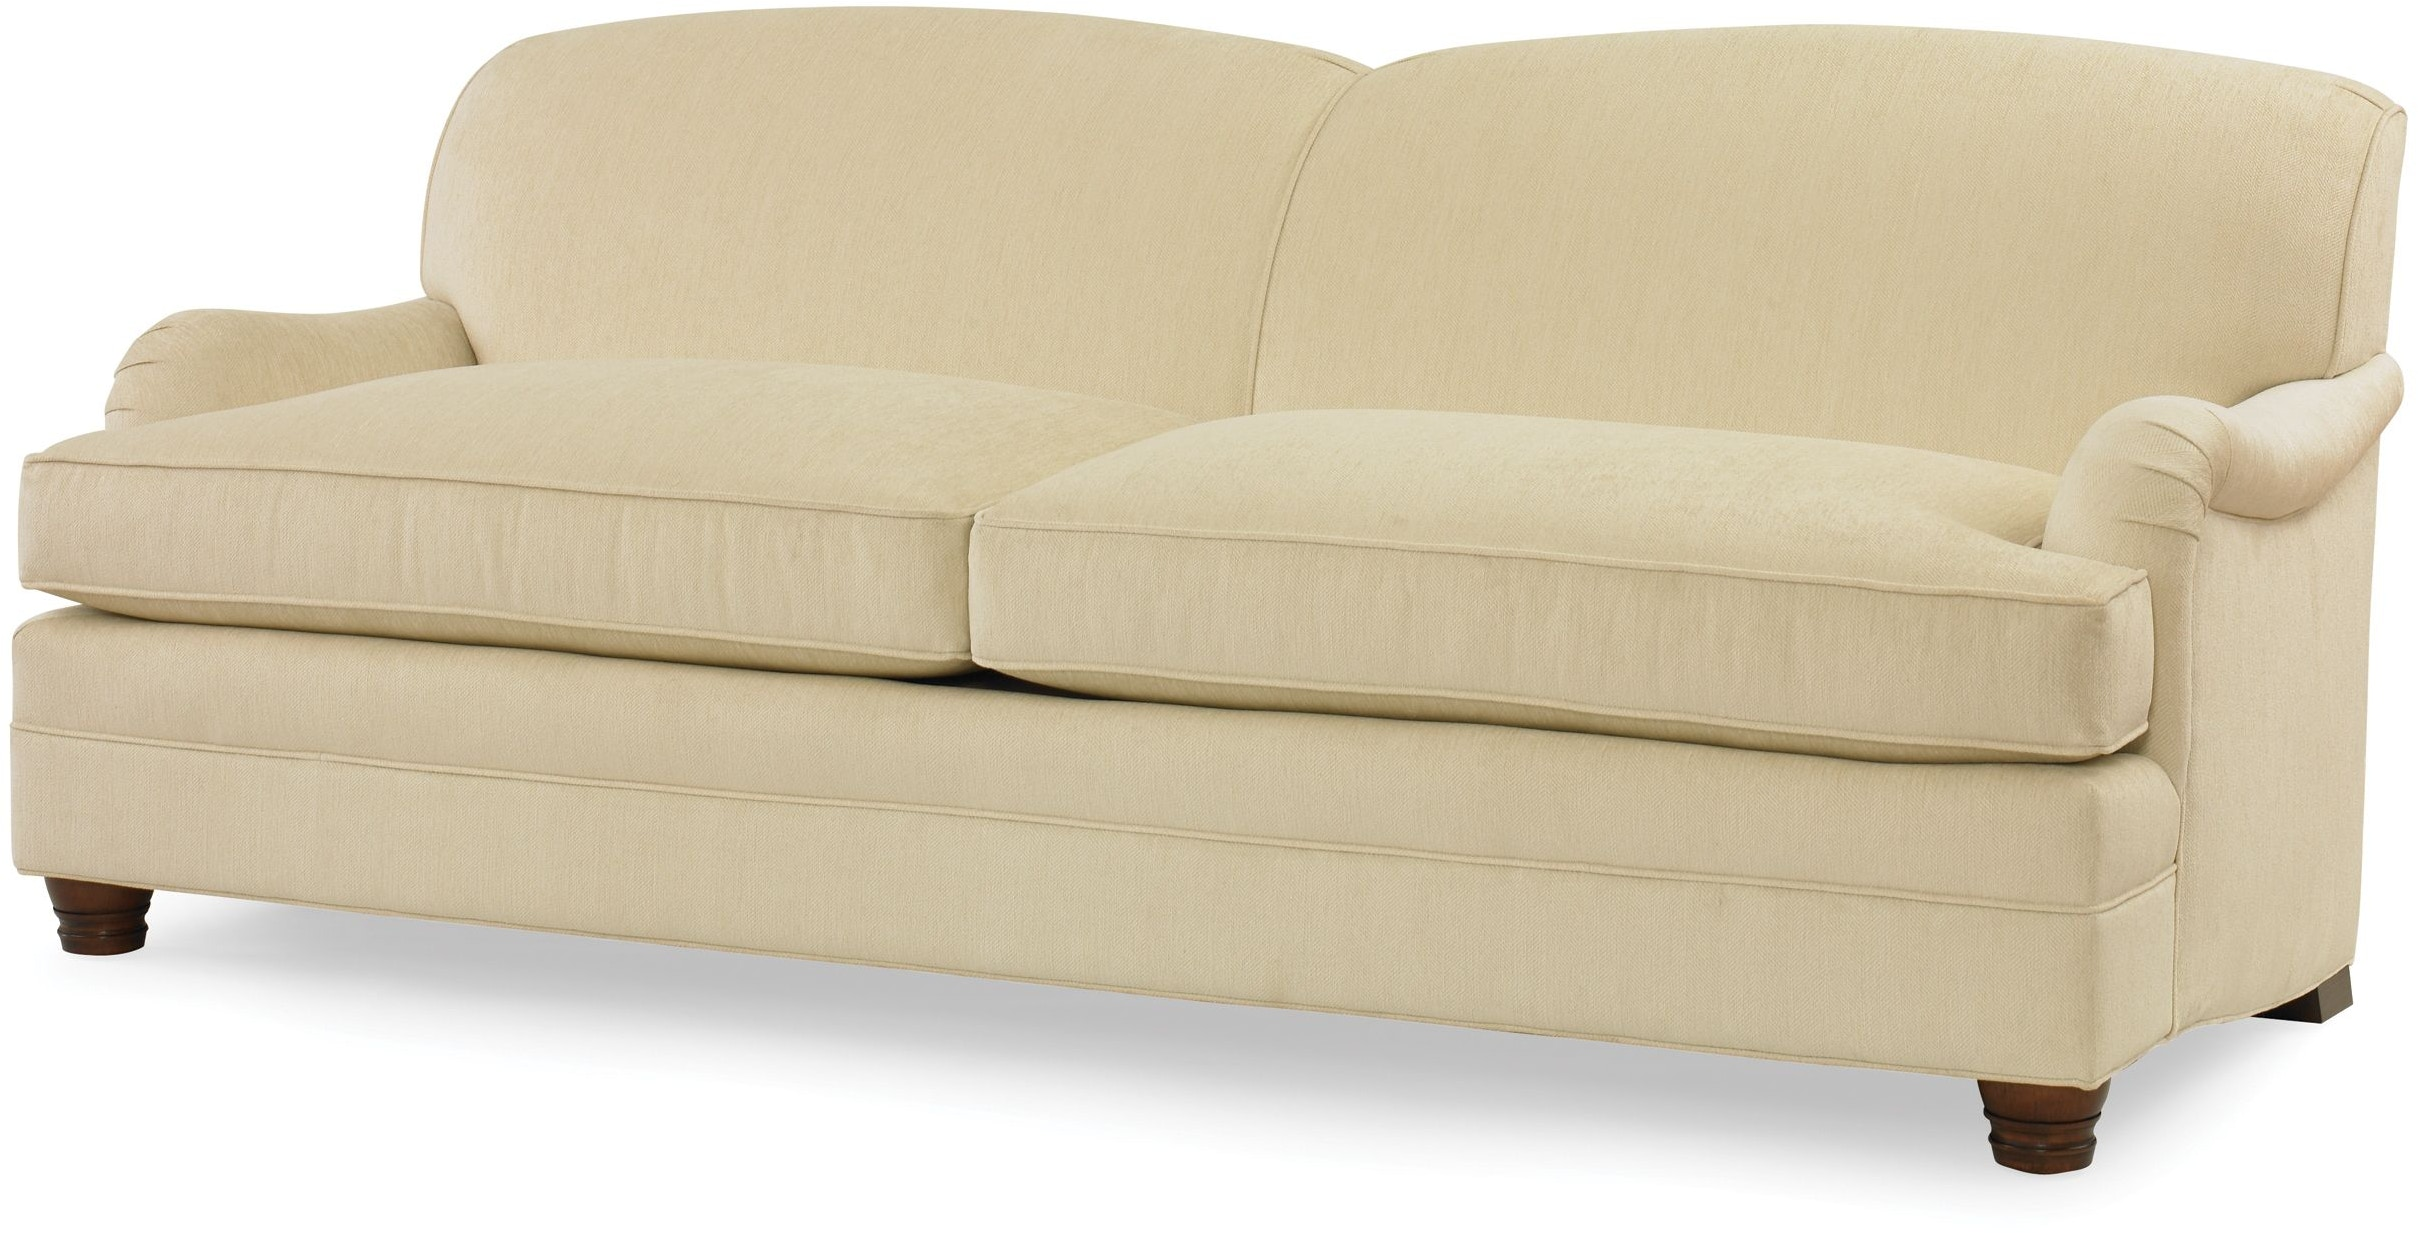 Kravet Smart Lehigh Sleeper Sofa S833 SS Kravet New York NY